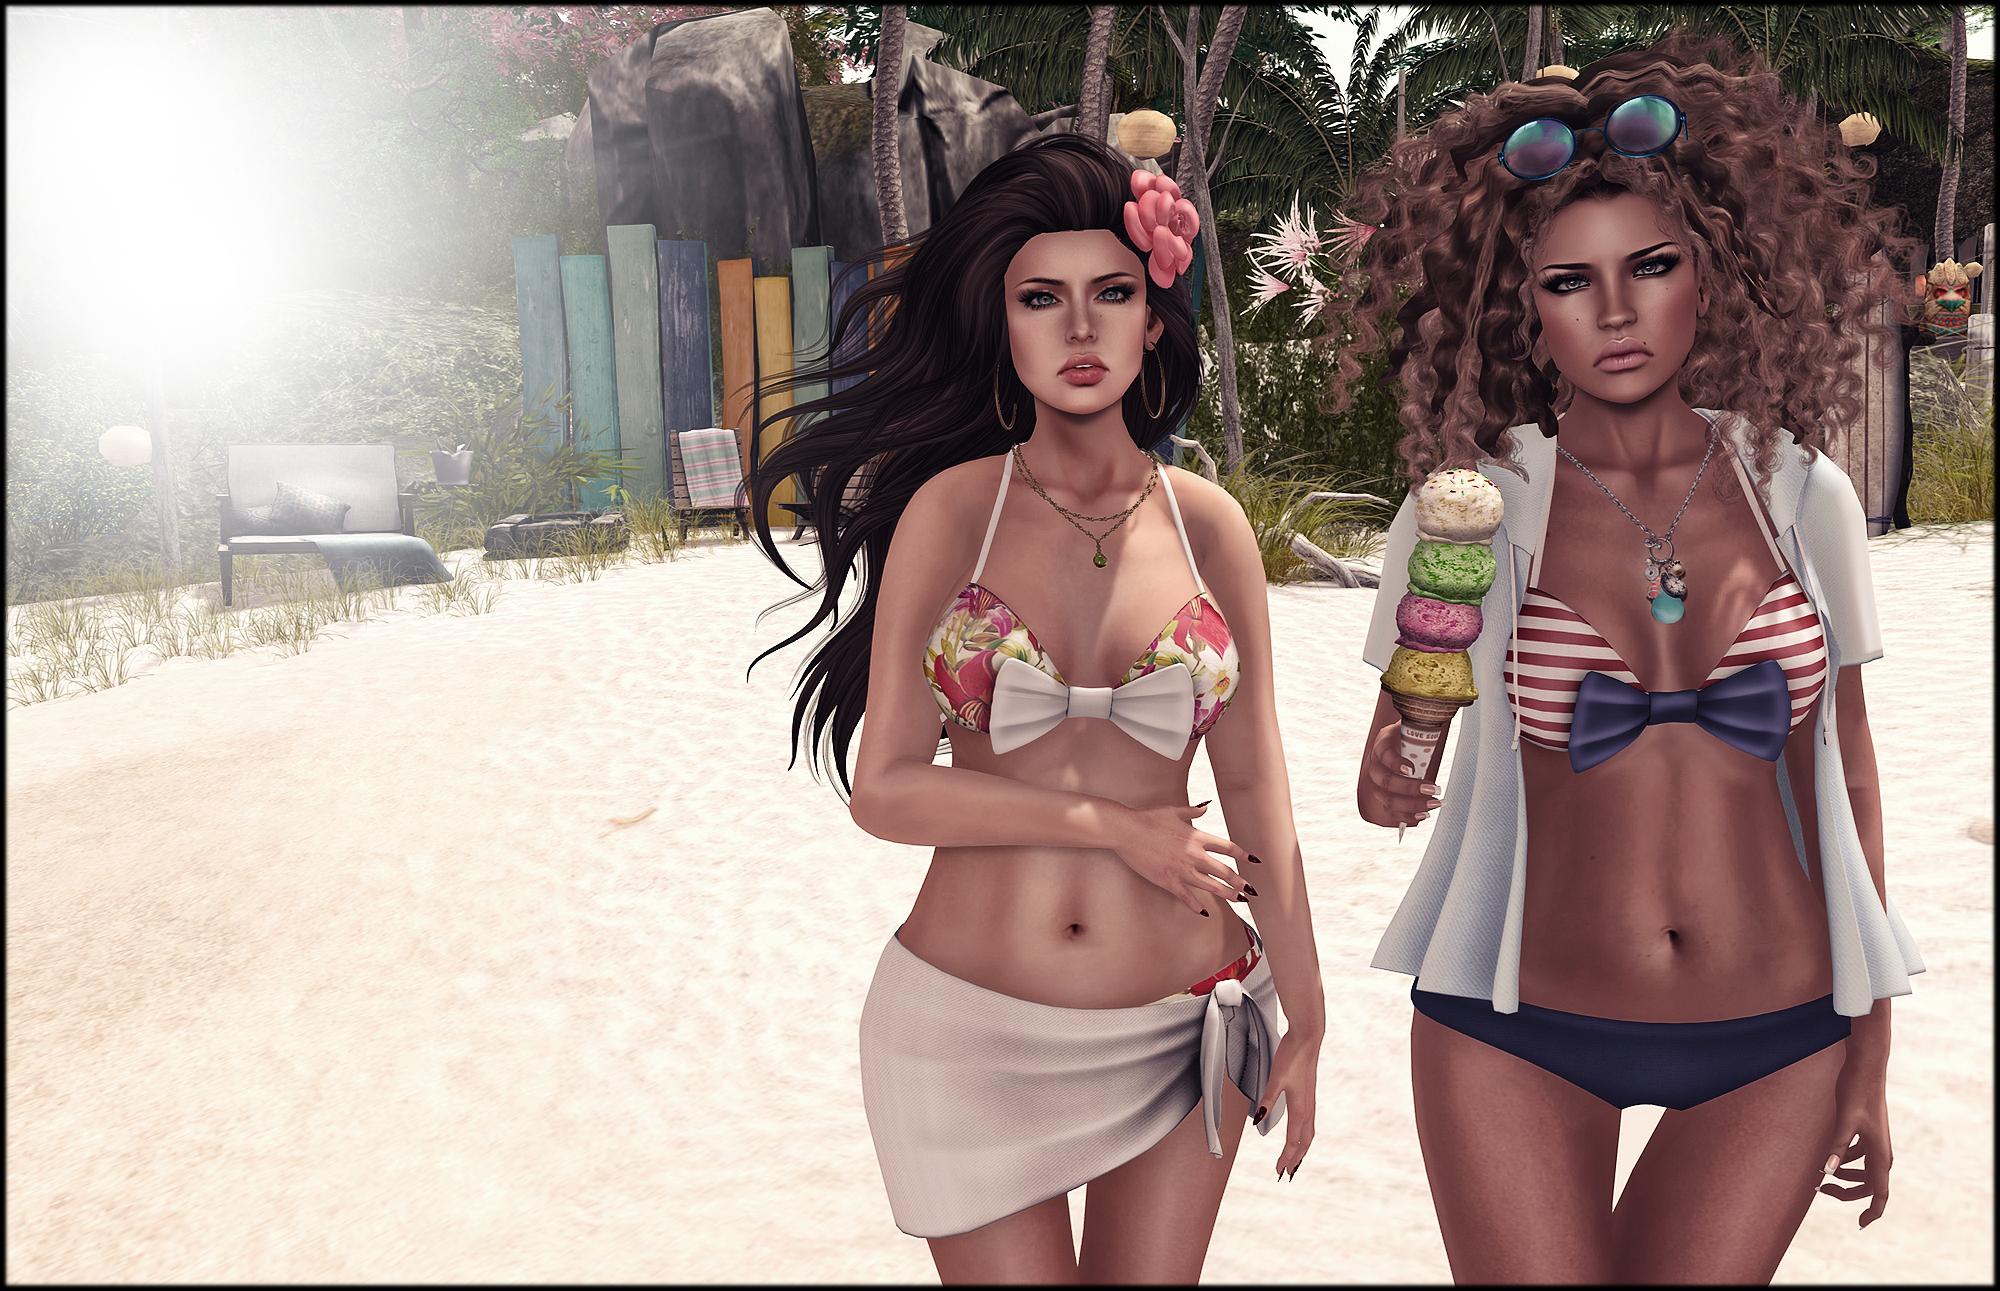 Beach chicas